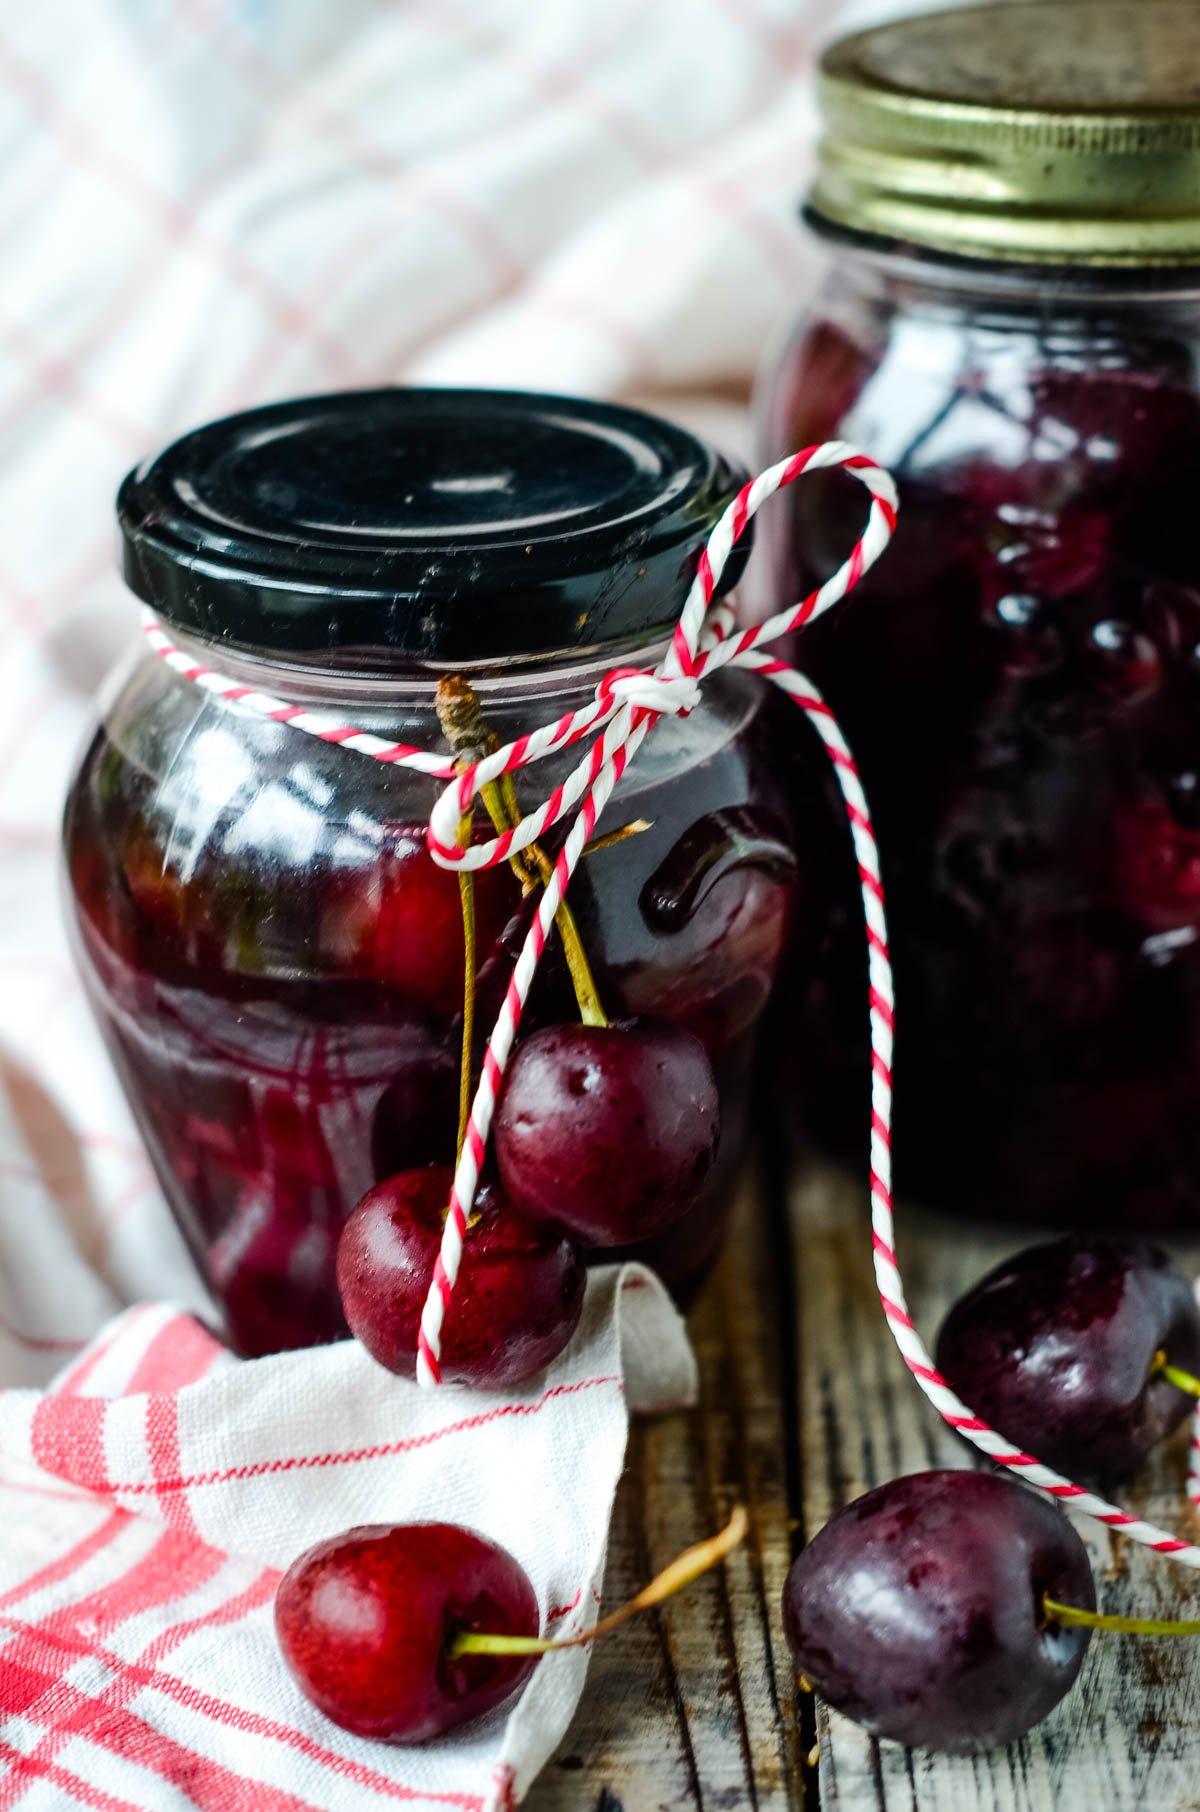 jars of preserved cherries